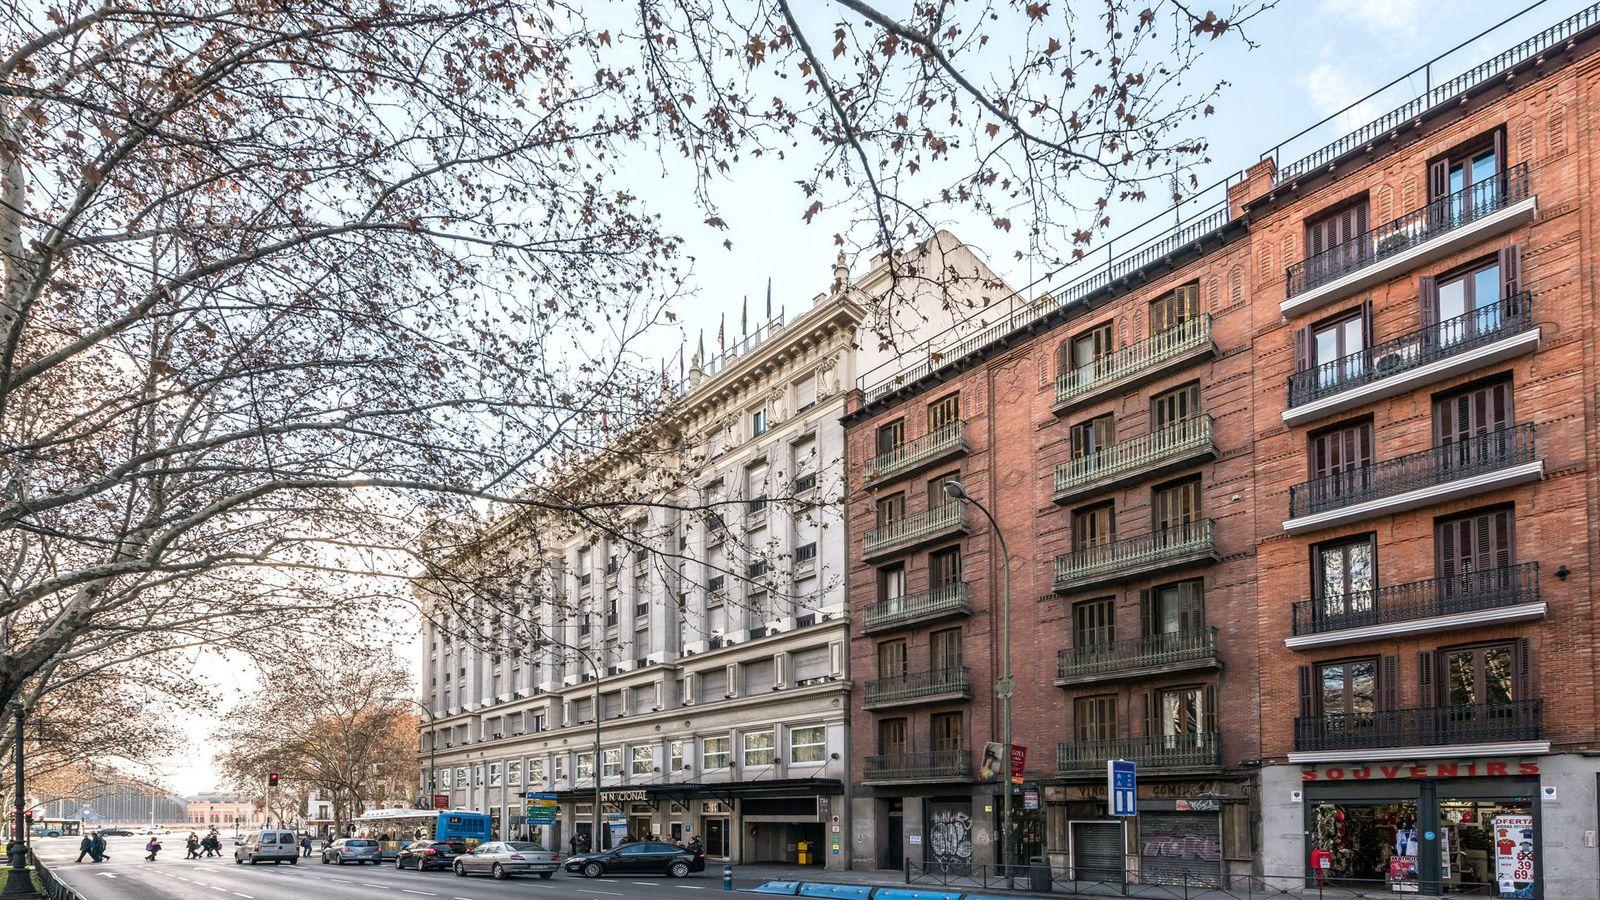 Arquitectos el barrio madrile o de atocha se reinventa for Viviendas lujo madrid